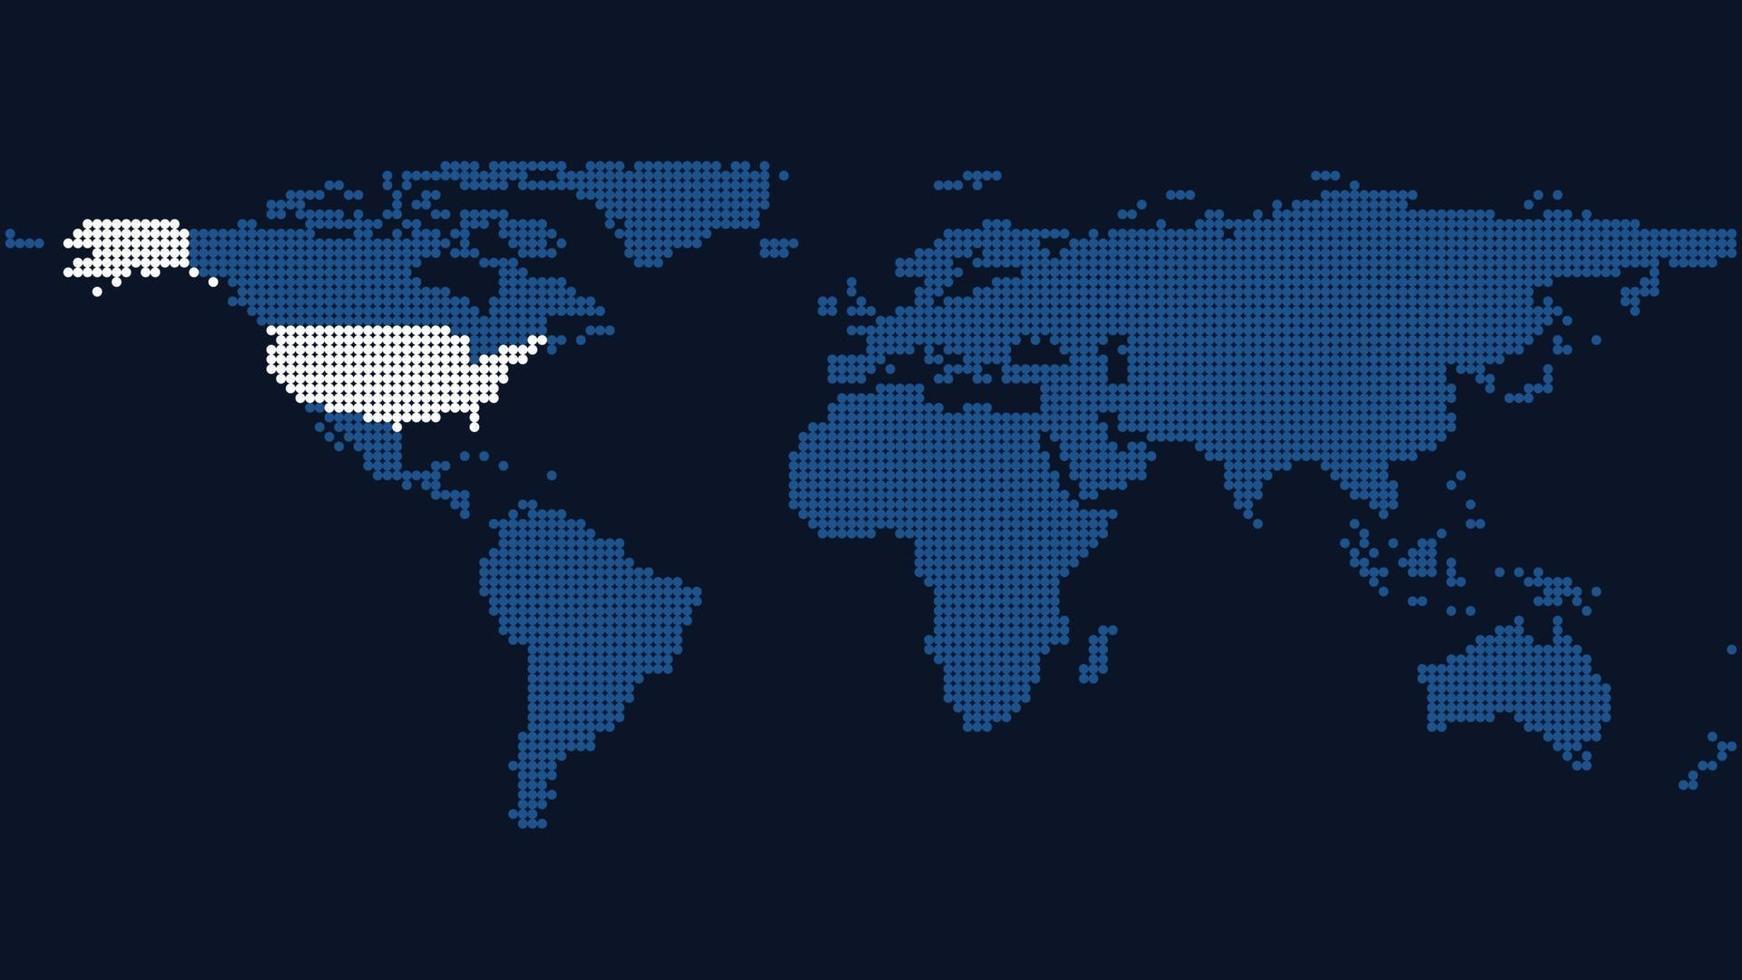 mapa mundial de círculos con los estados unidos resaltados vector